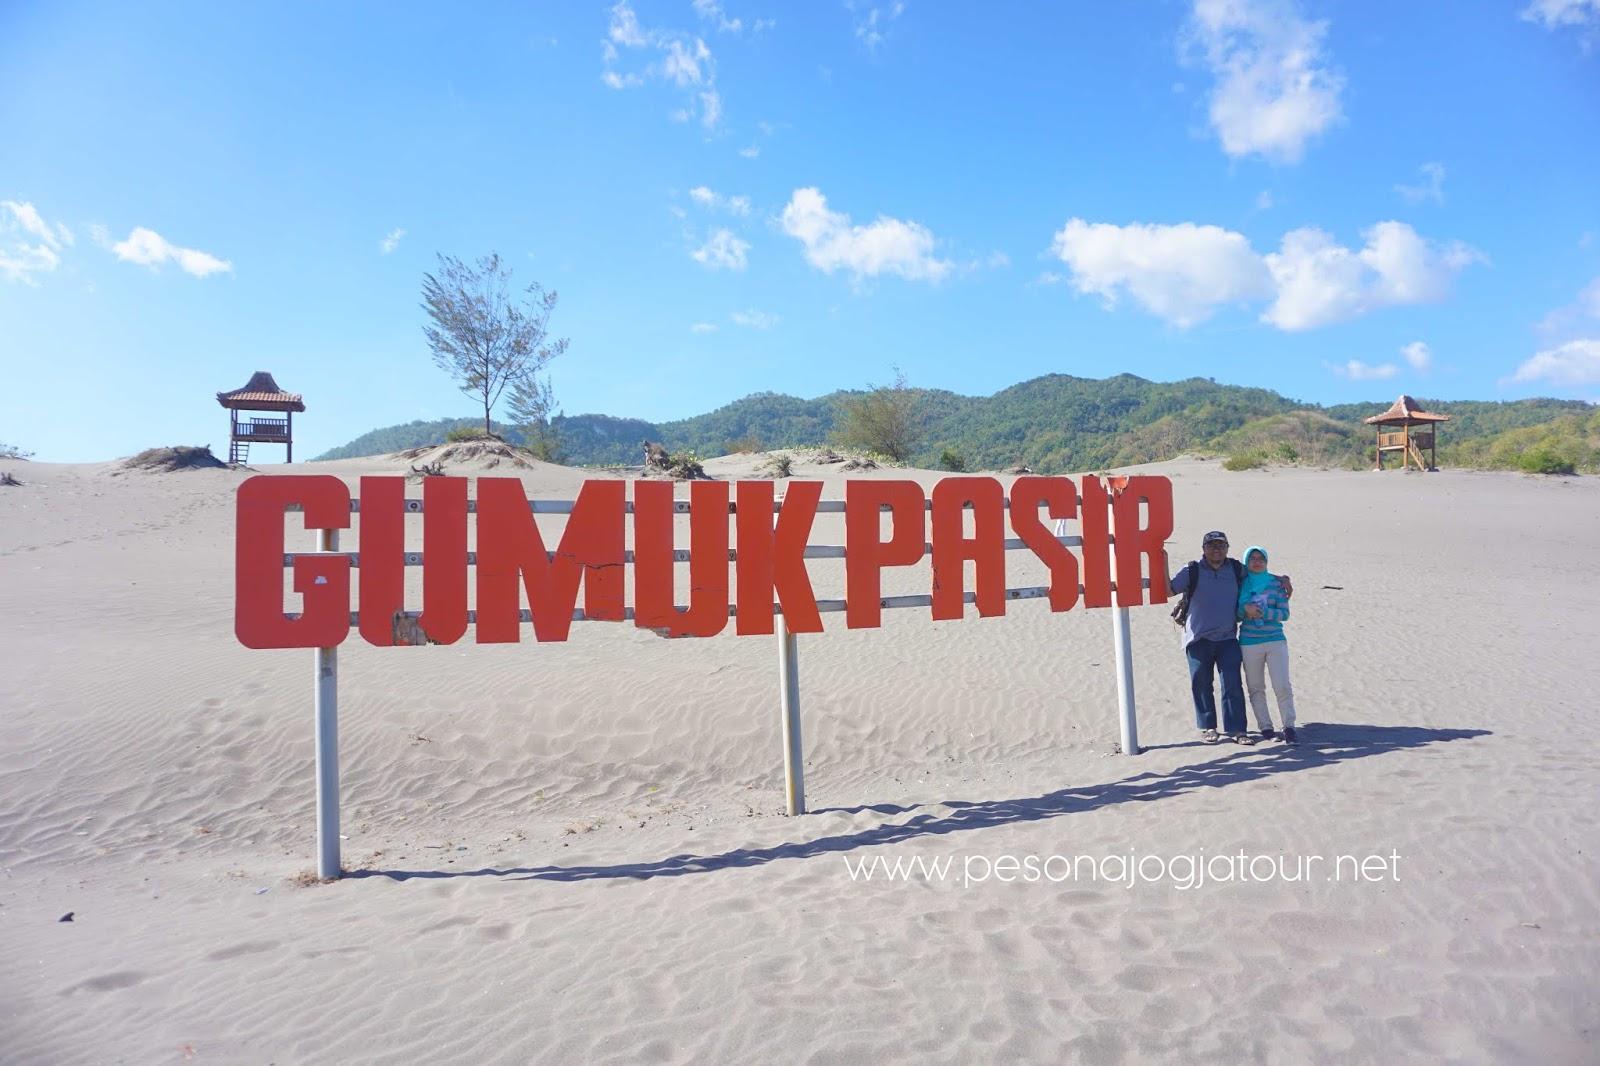 Lokasi Dan Harga Biaya Bermain Sandboarding Di Gumuk Pasir Parangkusumo Paket Wisata Jogja